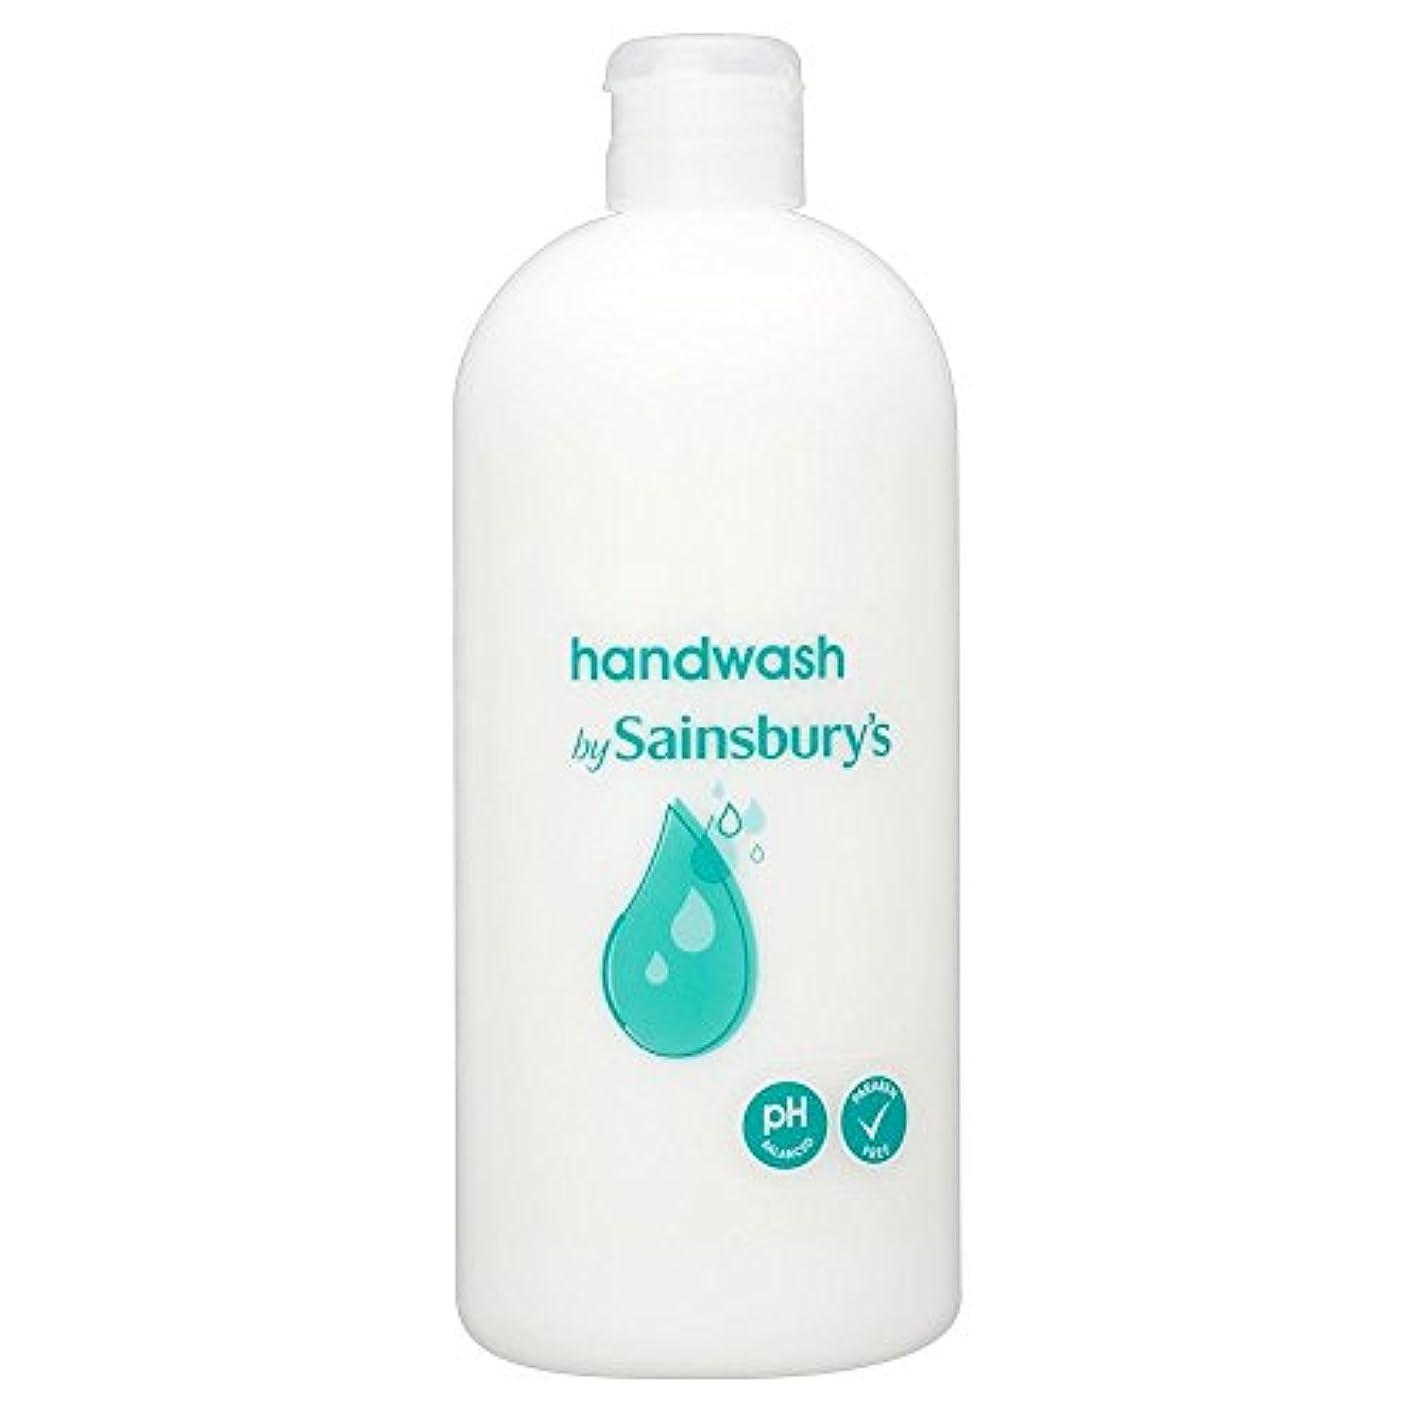 性的虫を数えるオペレーターSainsbury's Handwash, White Refill 500ml - (Sainsbury's) 手洗い、白リフィル500ミリリットル [並行輸入品]